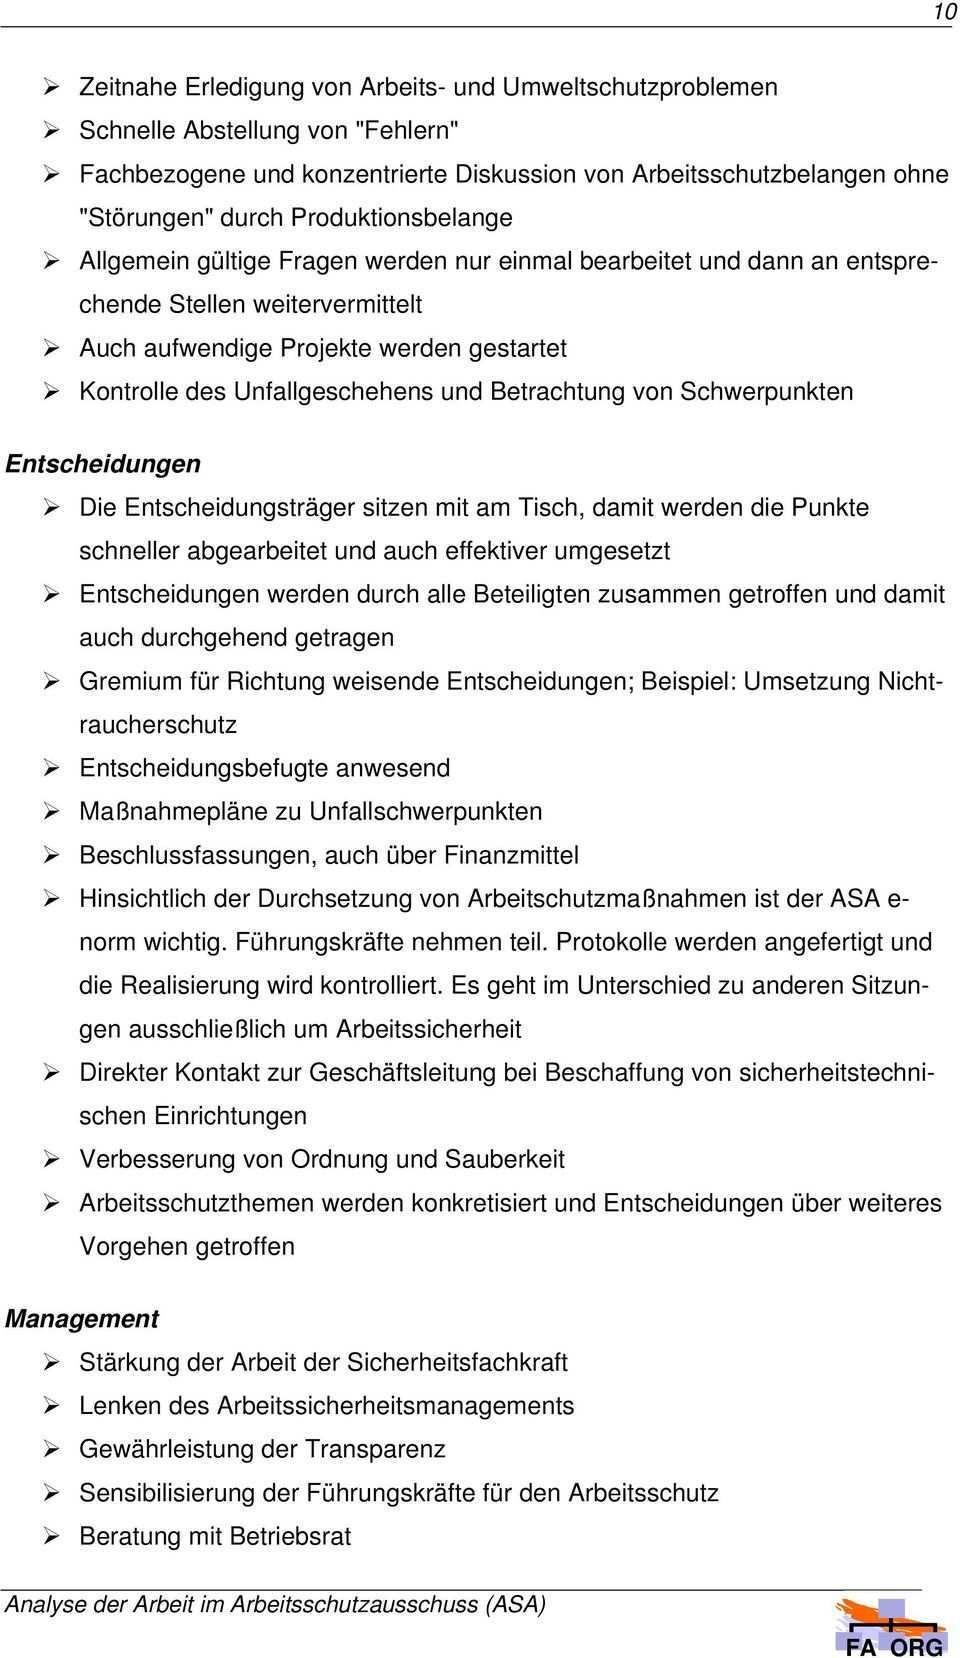 Analyse Der Arbeit Im Arbeitsschutzausschuss Projektabschlussbericht Pdf Kostenfreier Download